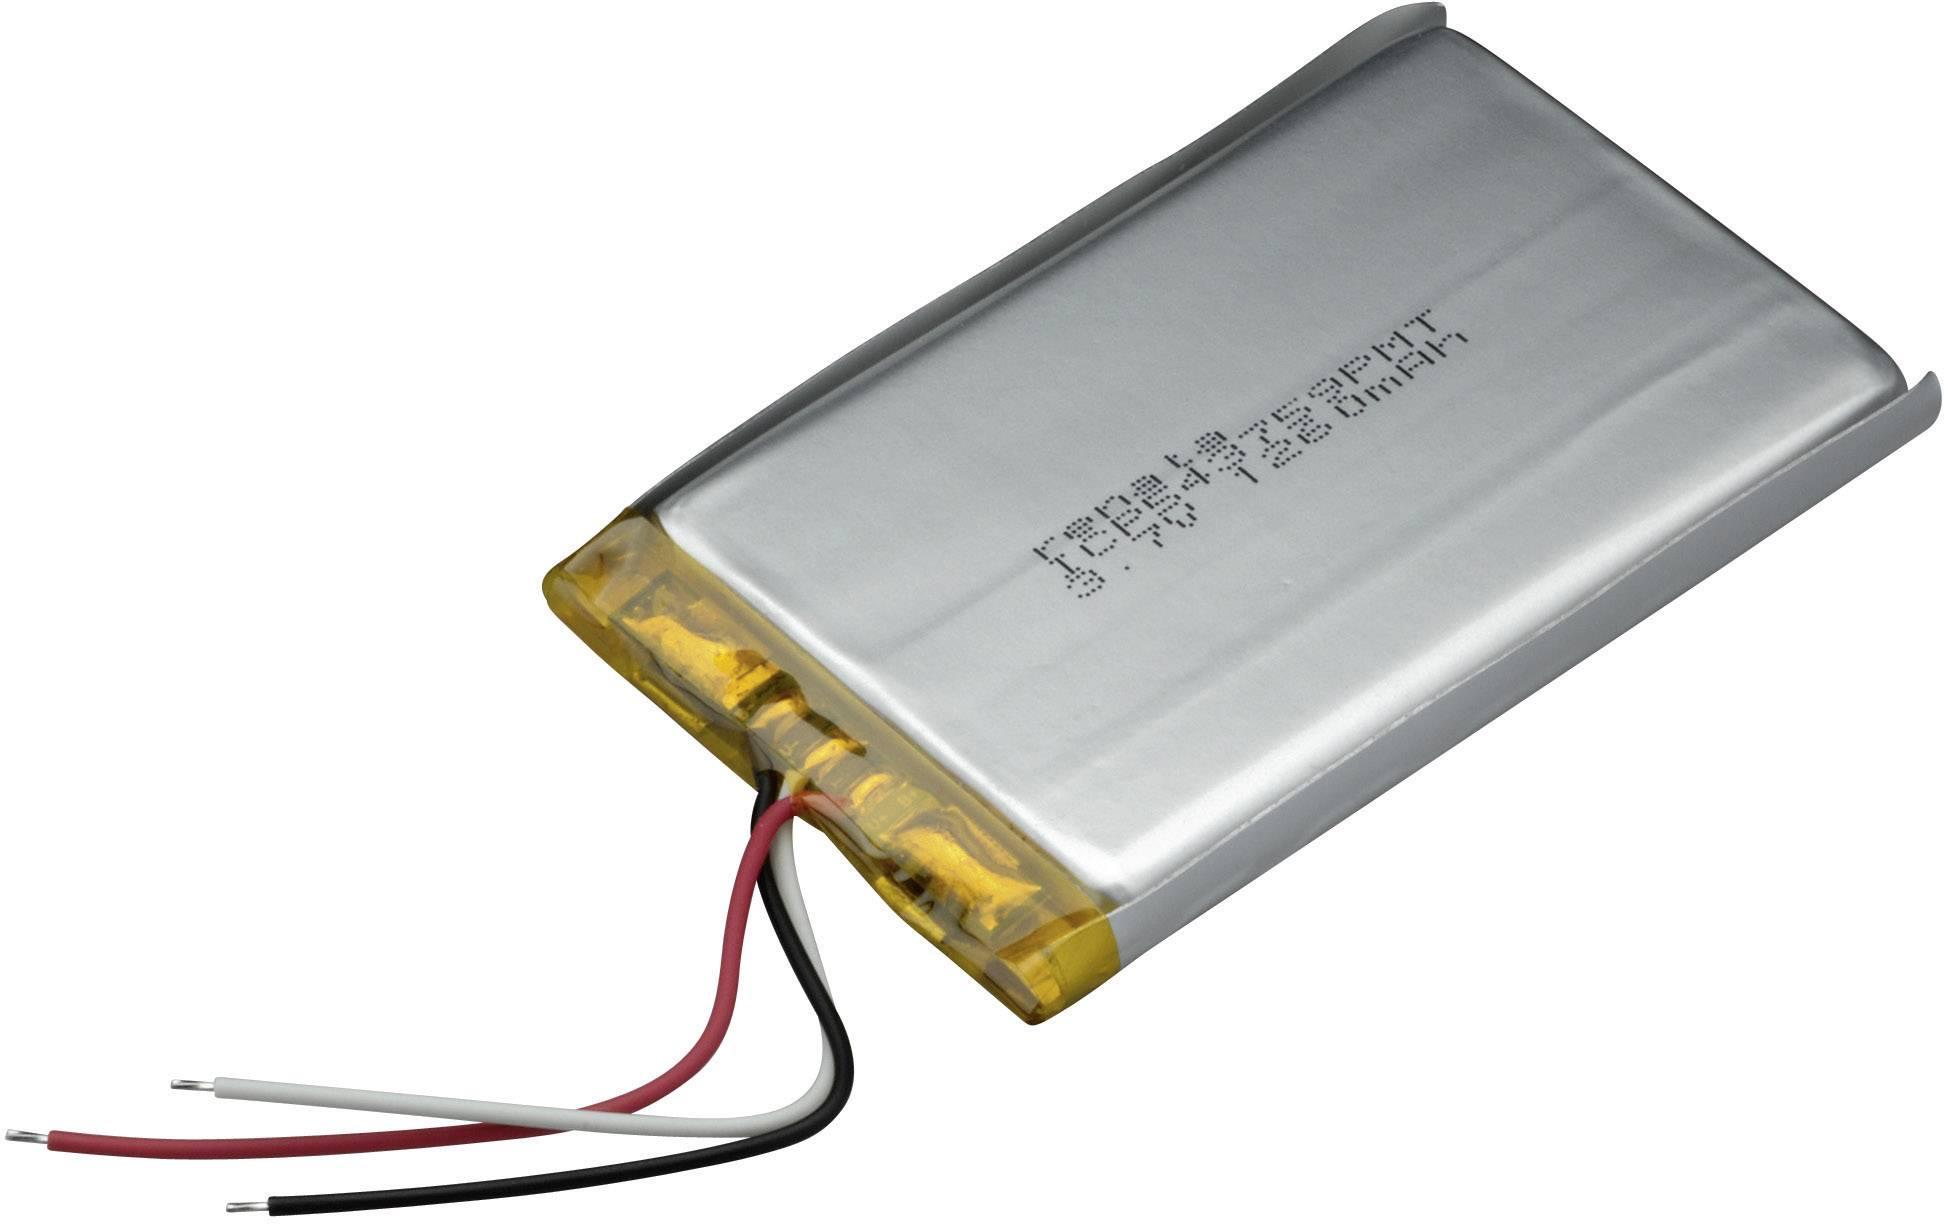 Špeciálny akumulátor Renata ICP543759PMT, LiPo, 3.7 V, 1320 mAh